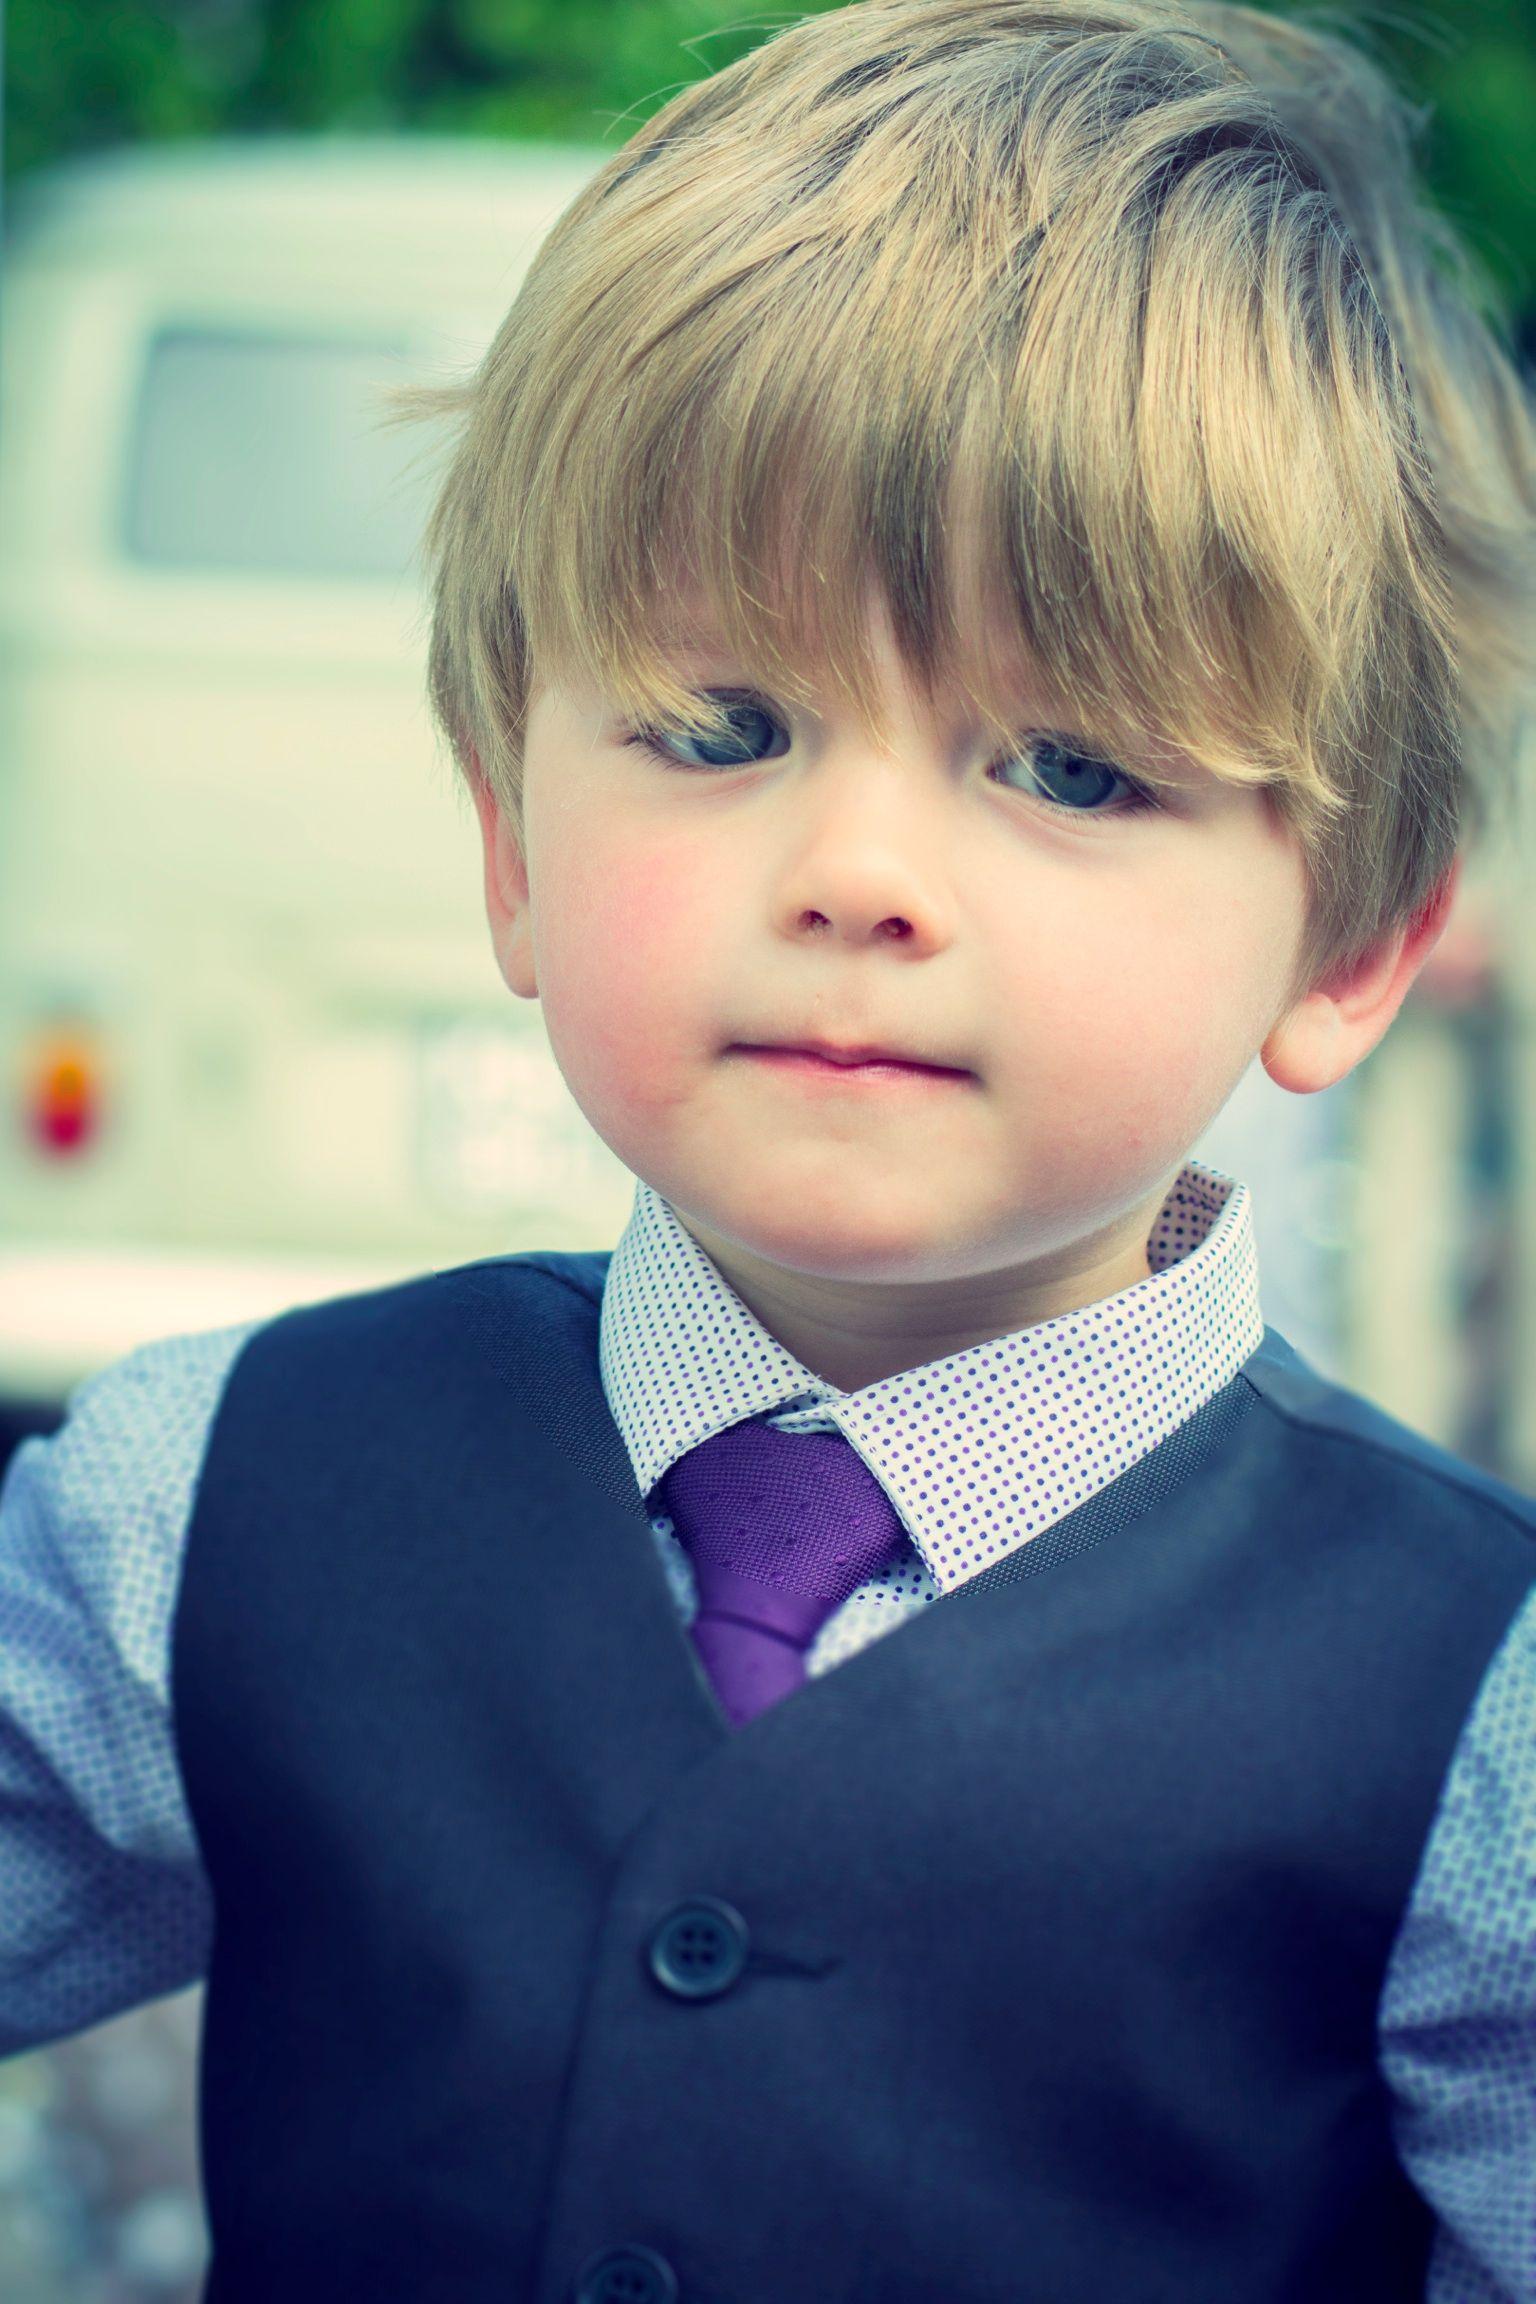 بالصور صور اجمل طفل , صور جذابة ومضحكة لاجمل طفل 3989